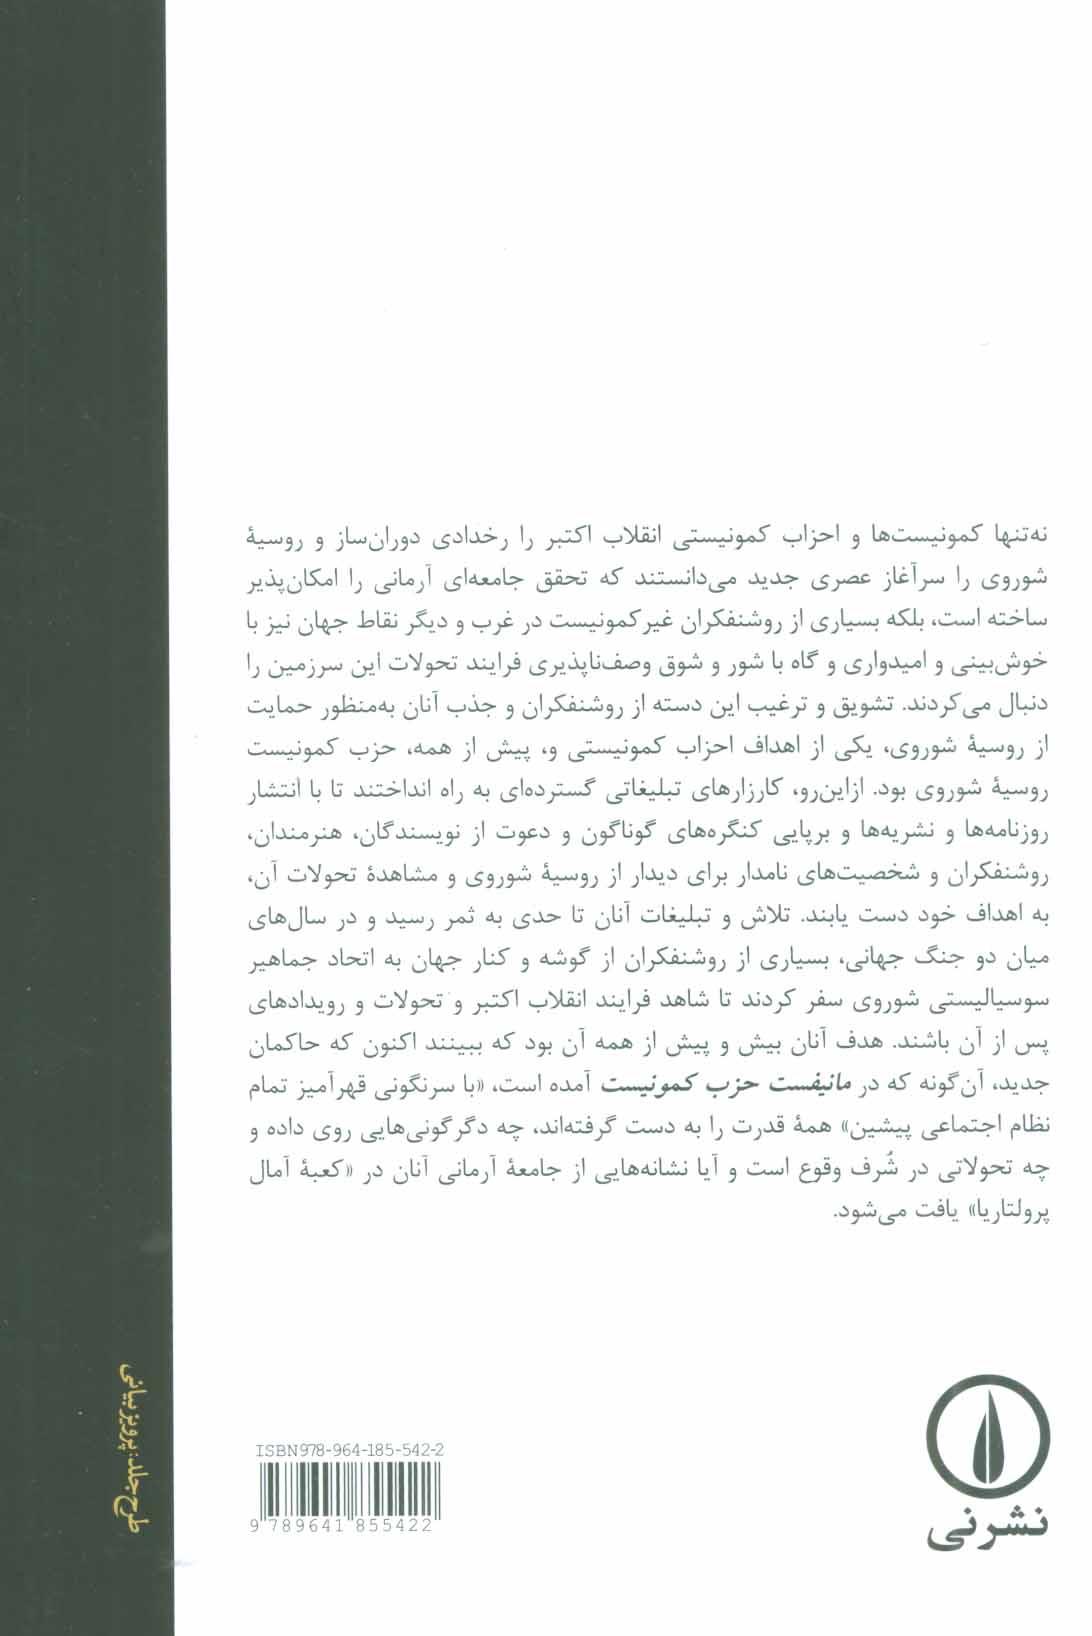 خرد کشی روشنفکران و انقلاب اکتبر